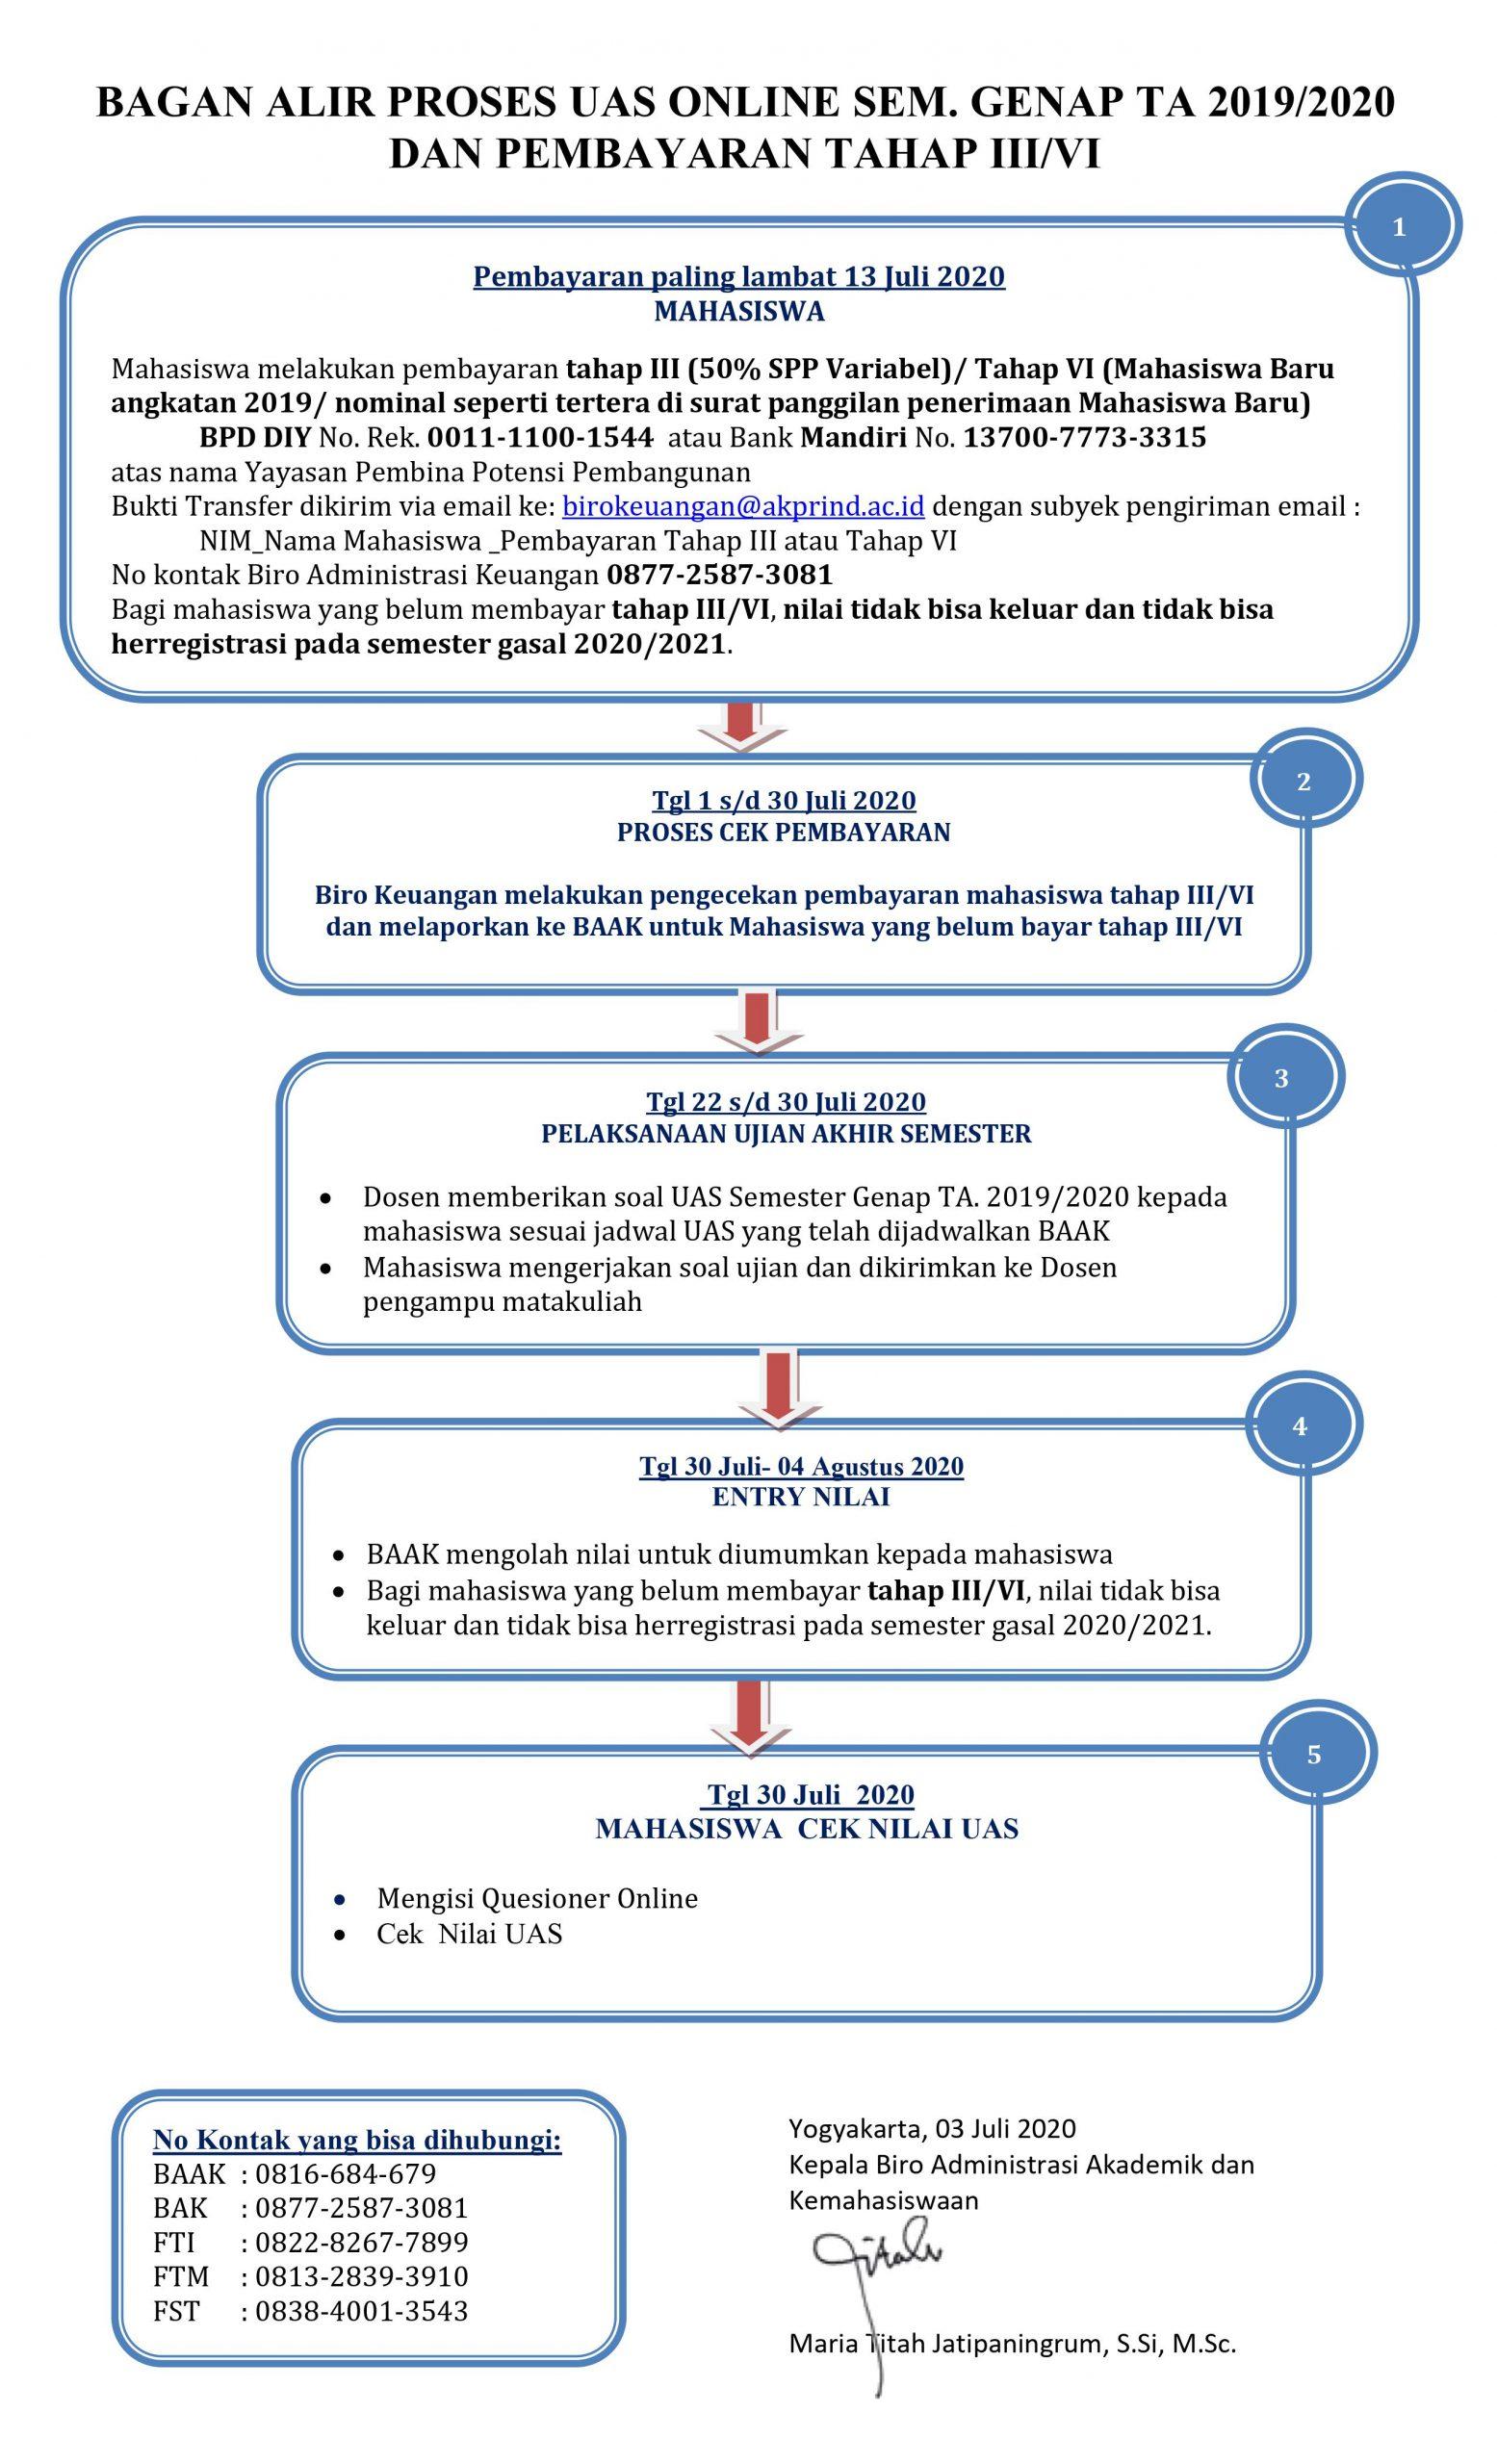 Bagan Alir Proses UAS Online dan Pembayaran Tahap III/VI